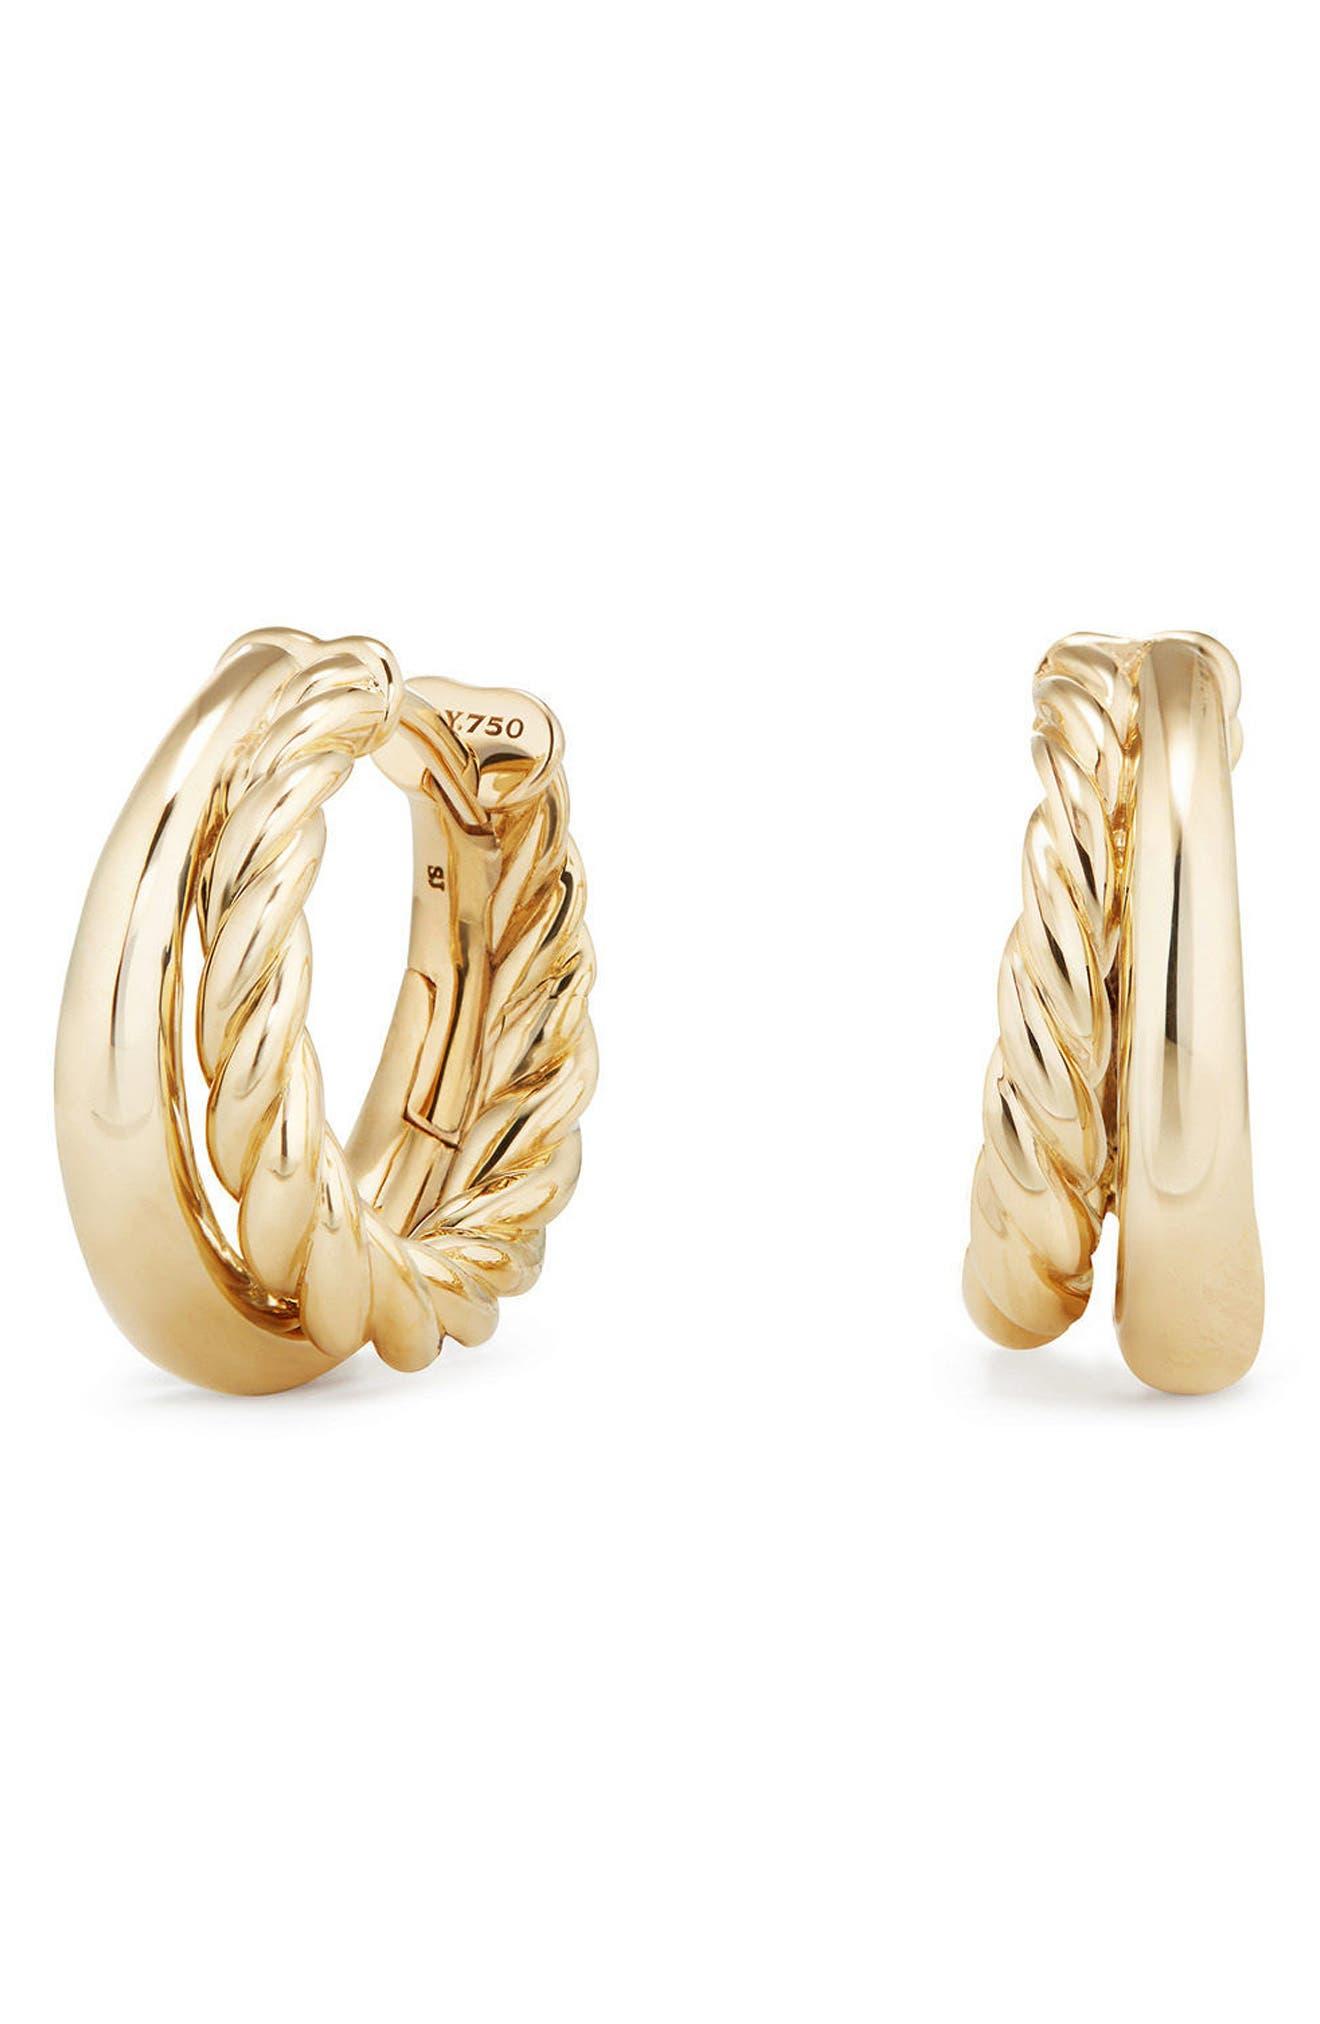 David Yurman Pure Form Hoop Earrings in 18K Gold, 25.5mm